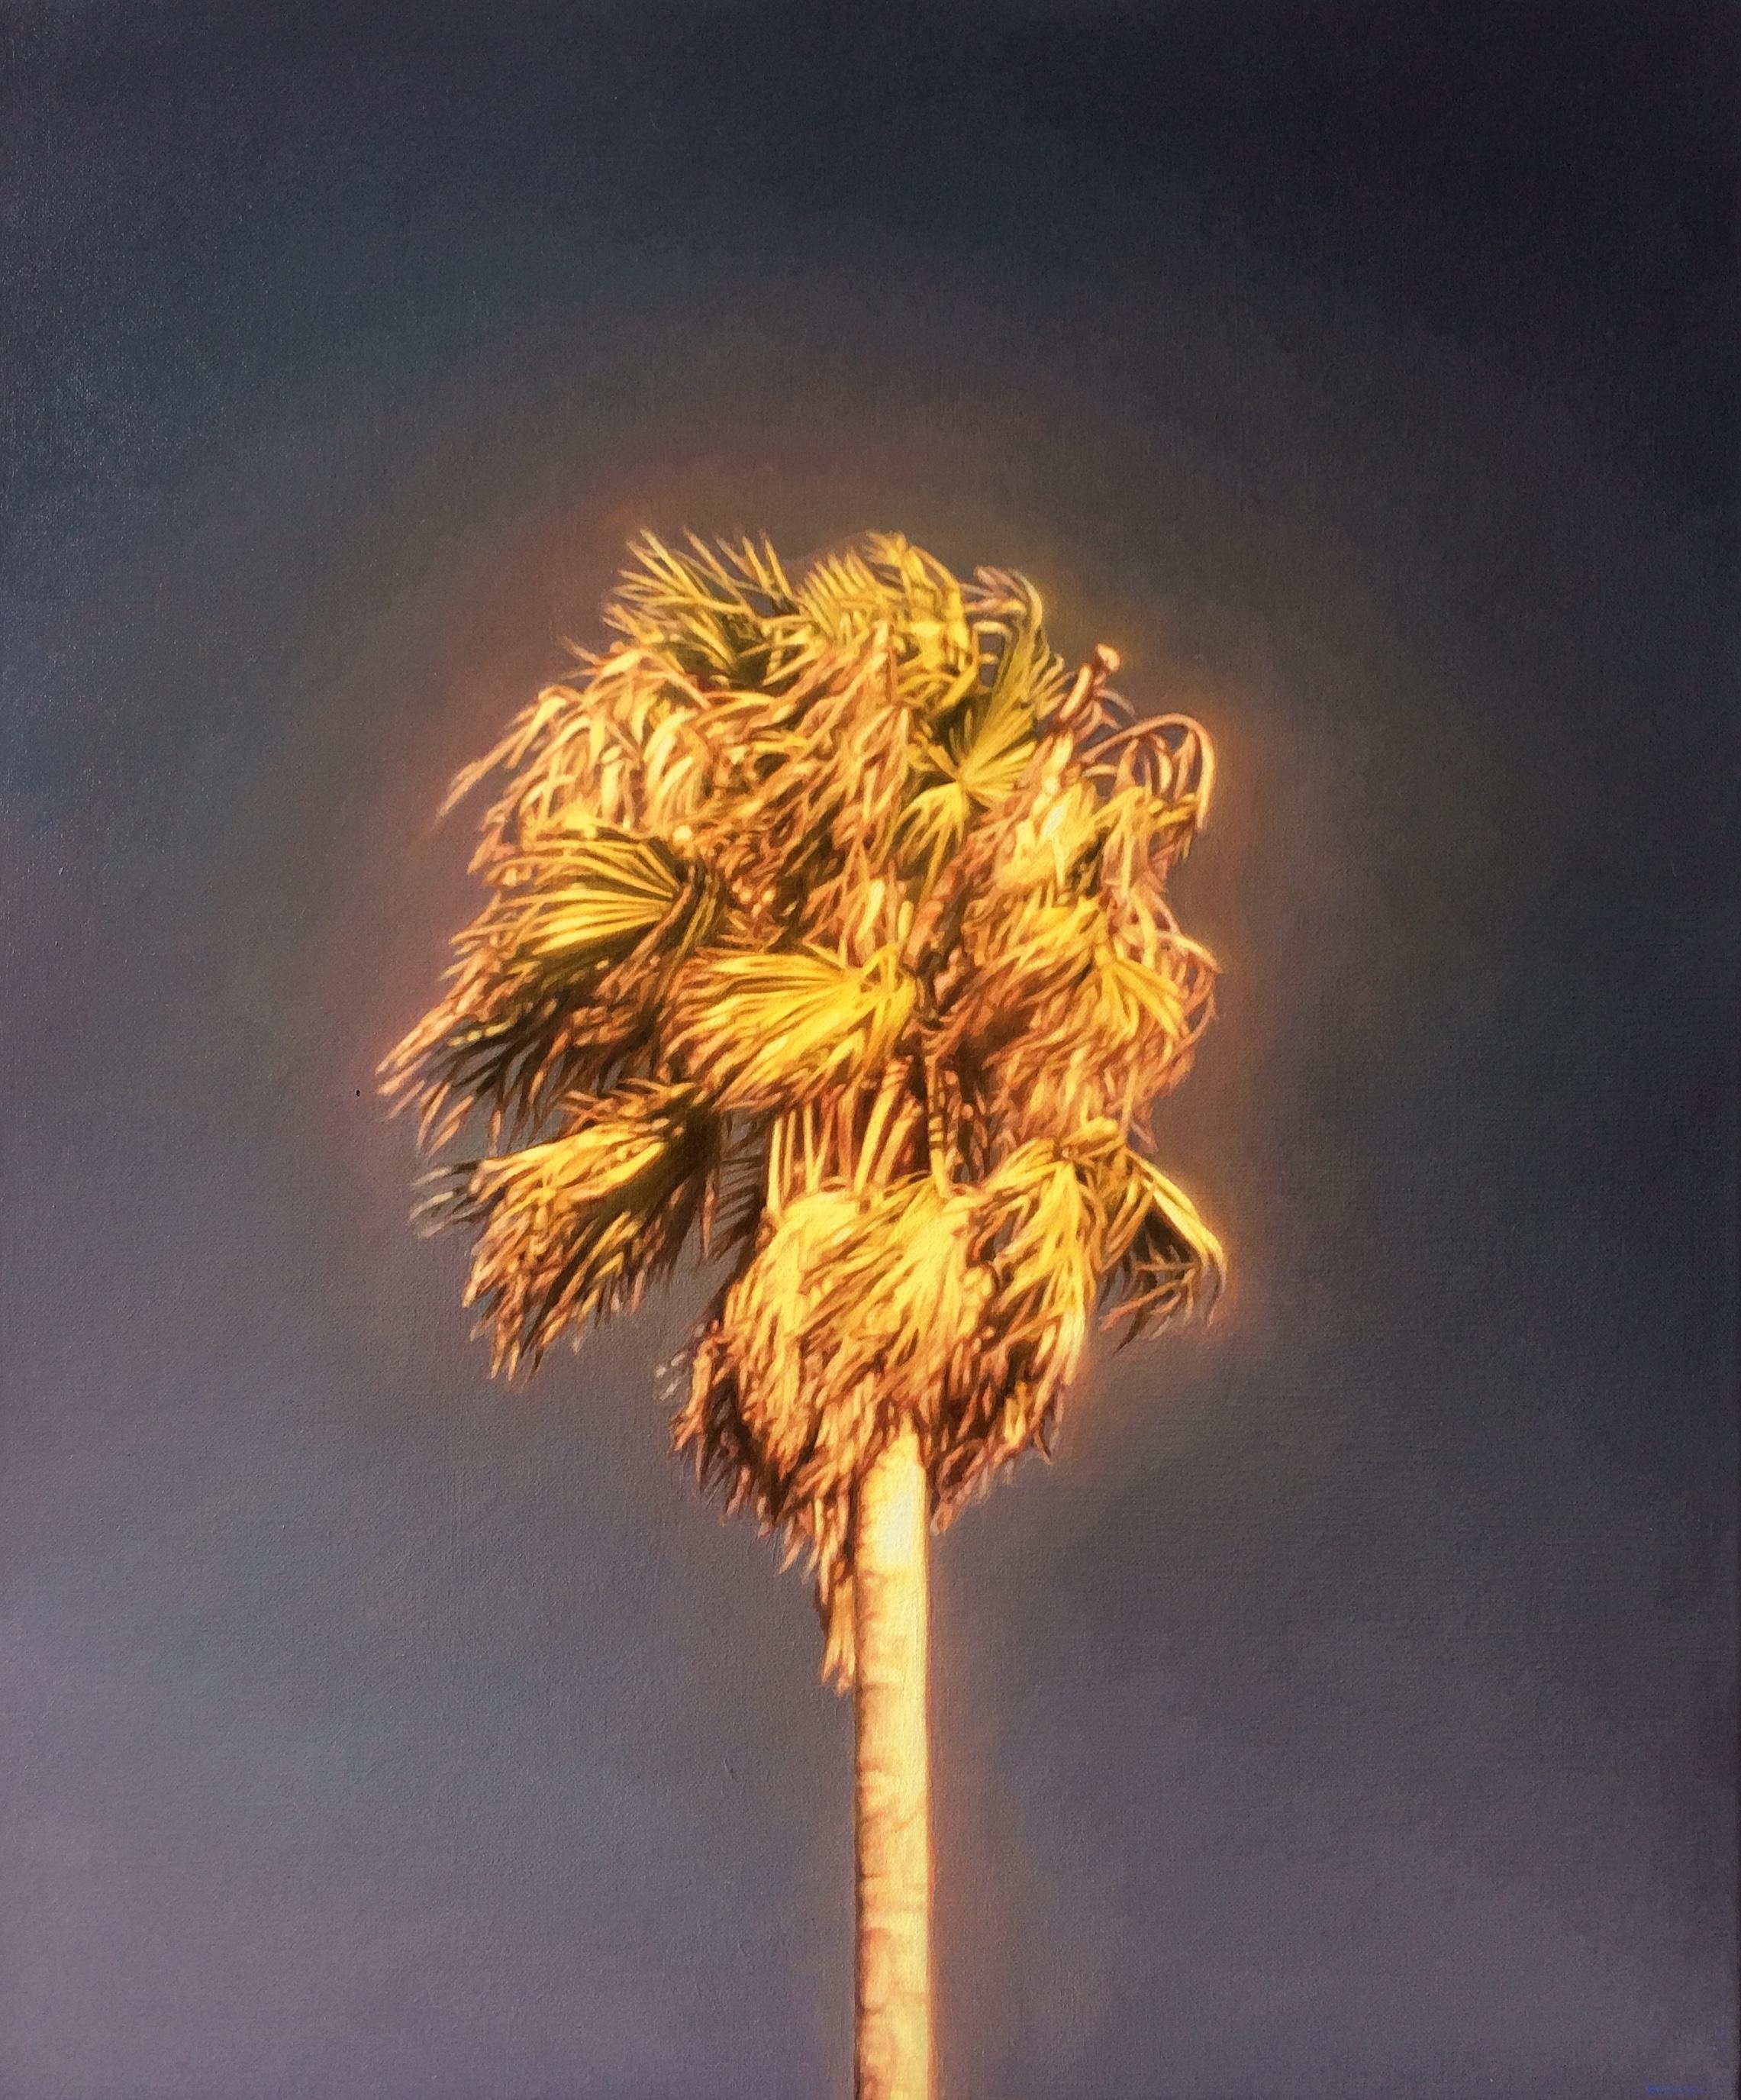 James Bonnici, Palm (Preston) oil on linen, 51 x 61 cm, available